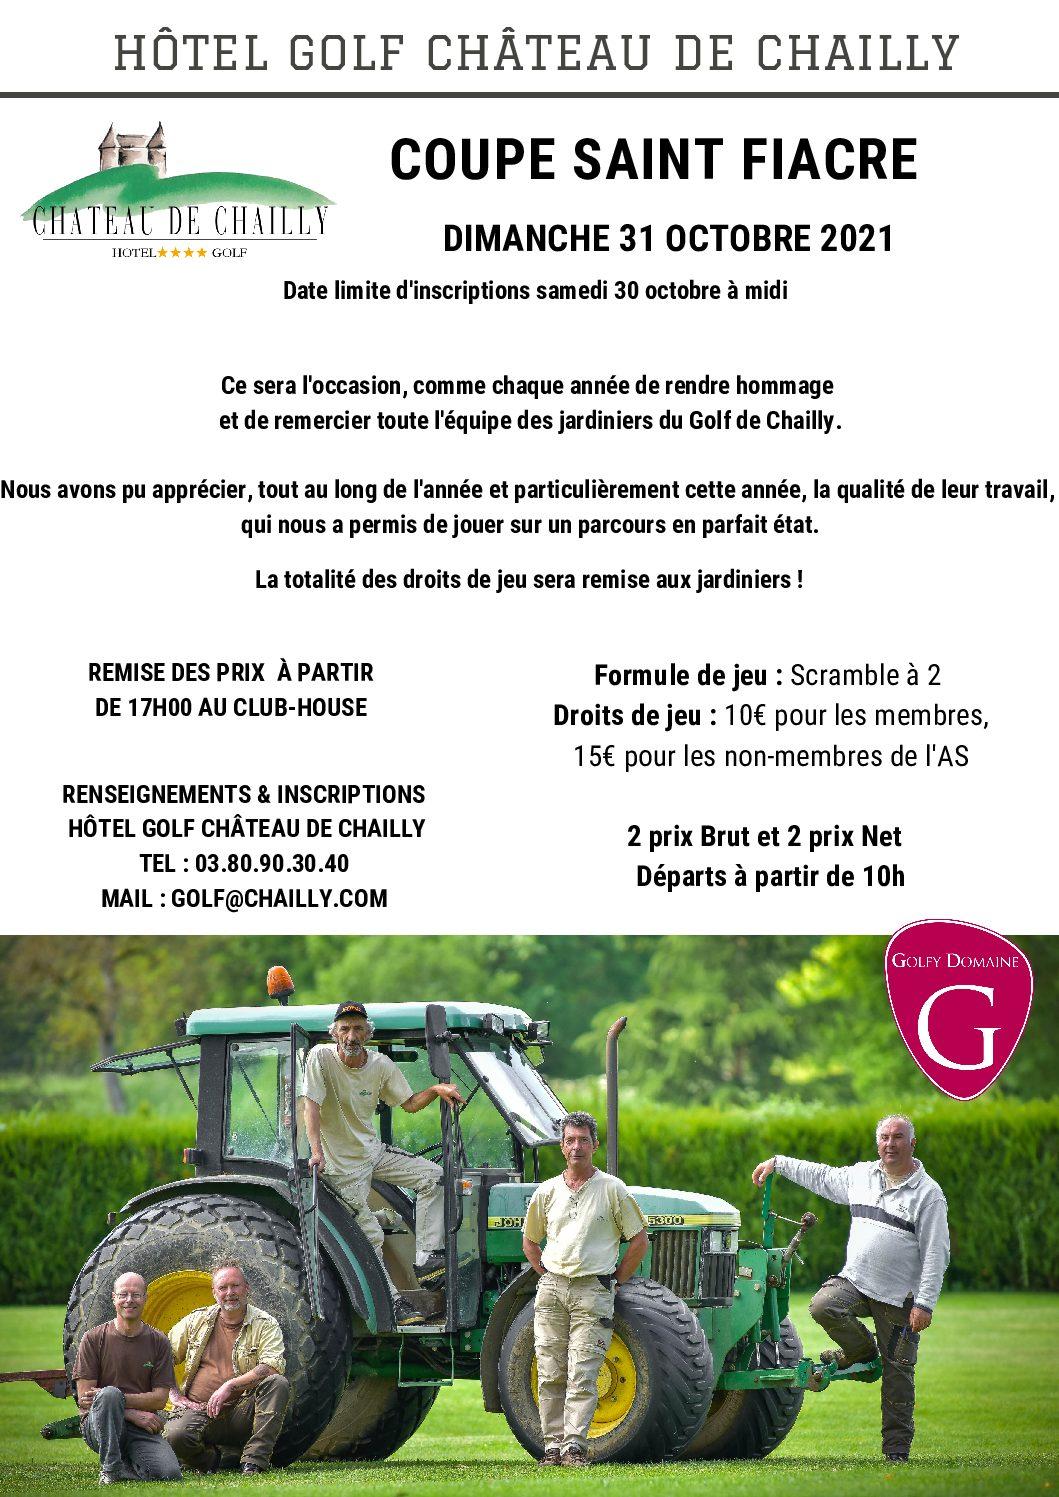 COUPE Saint Fiacre – Scramble à 2 – Dimanche 31 Octobre